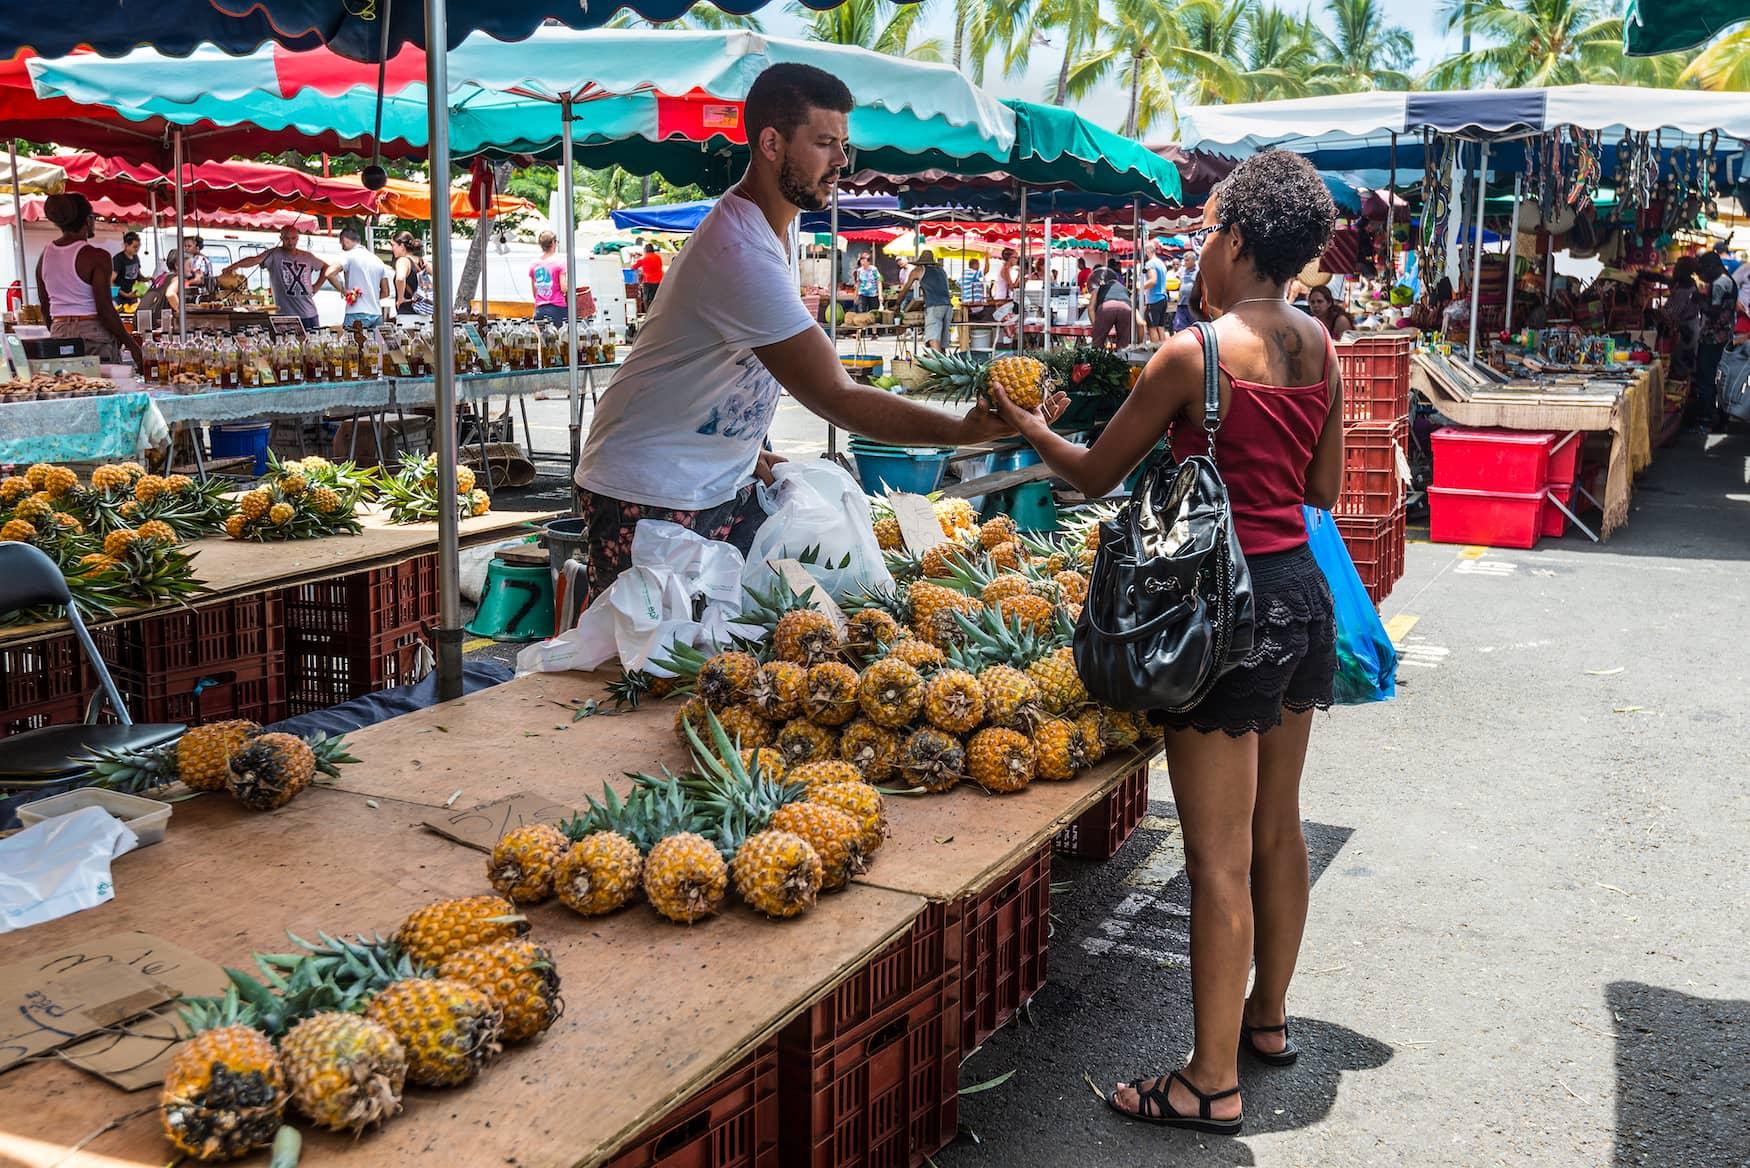 Frau kauft Ananas auf Markt in La Reunion, Frankreich